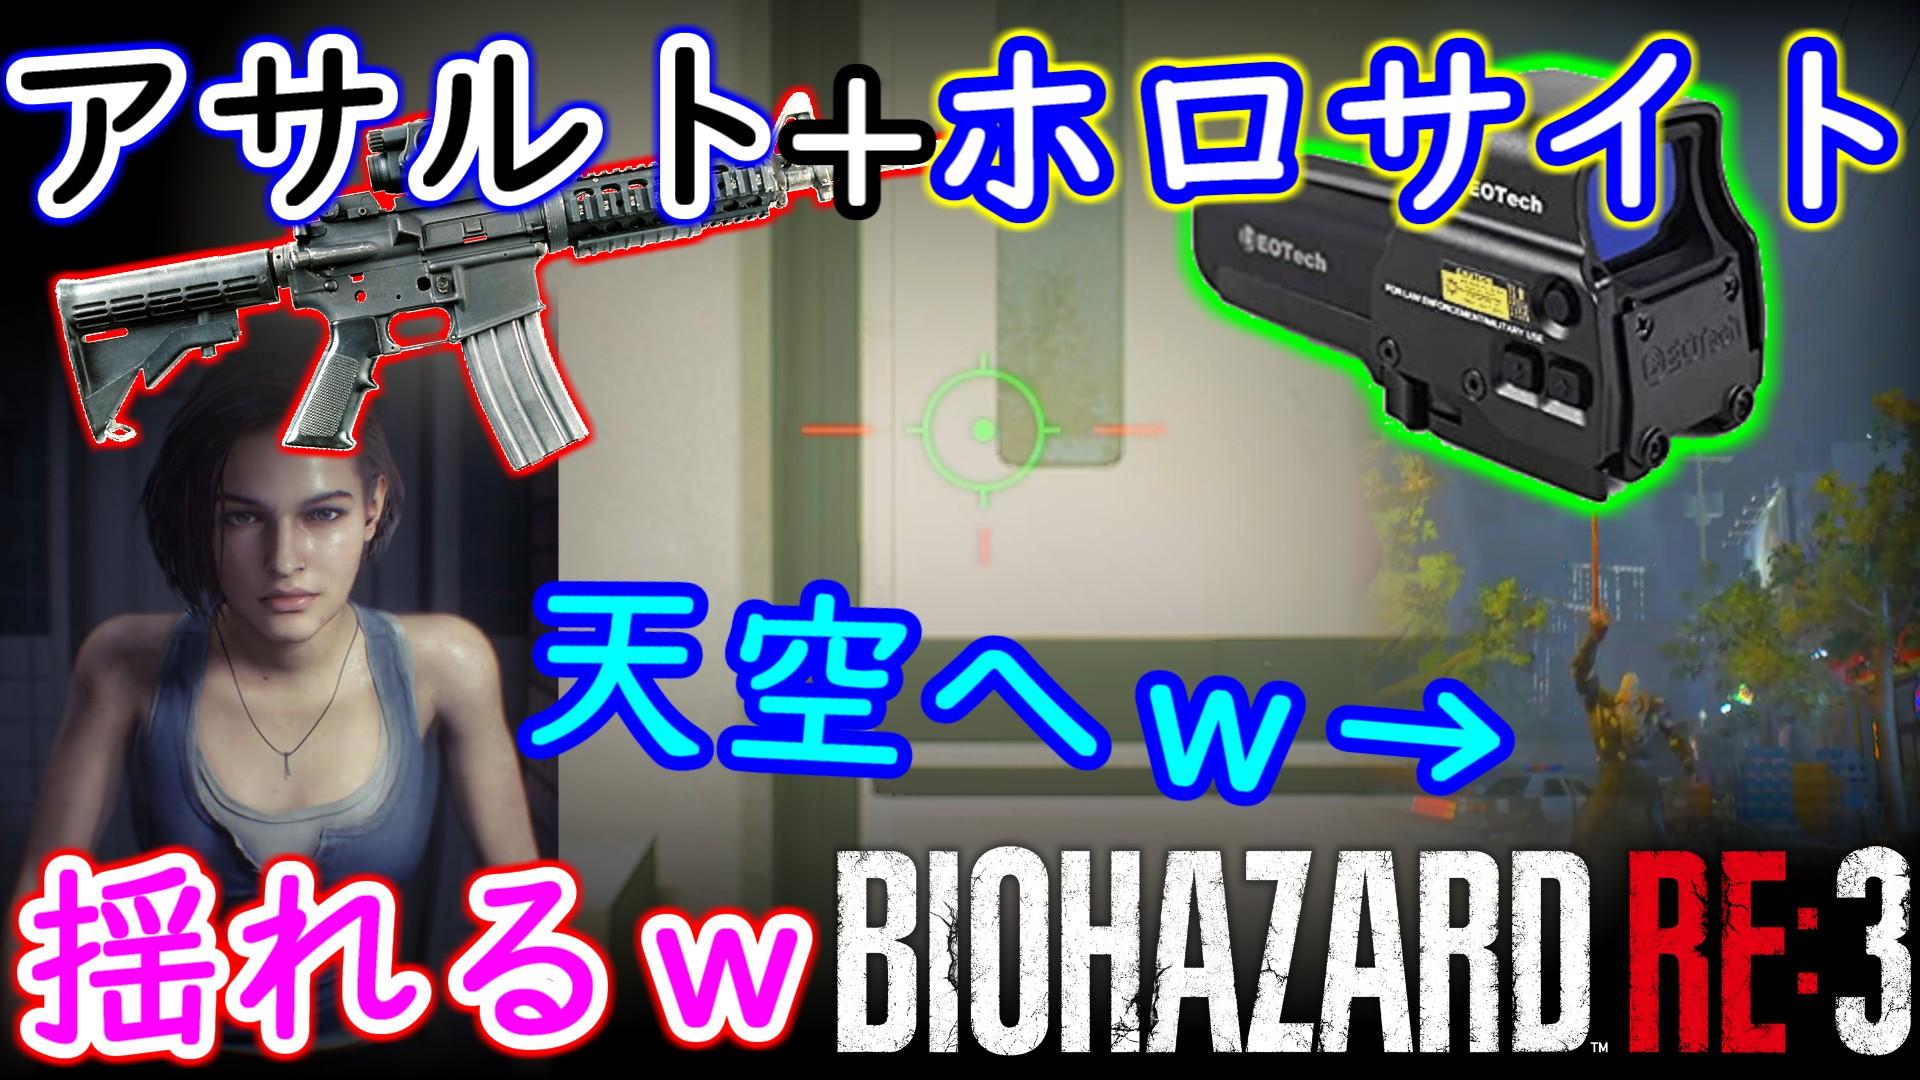 アサルトライフル+ホロサイト バイオハザードRE3